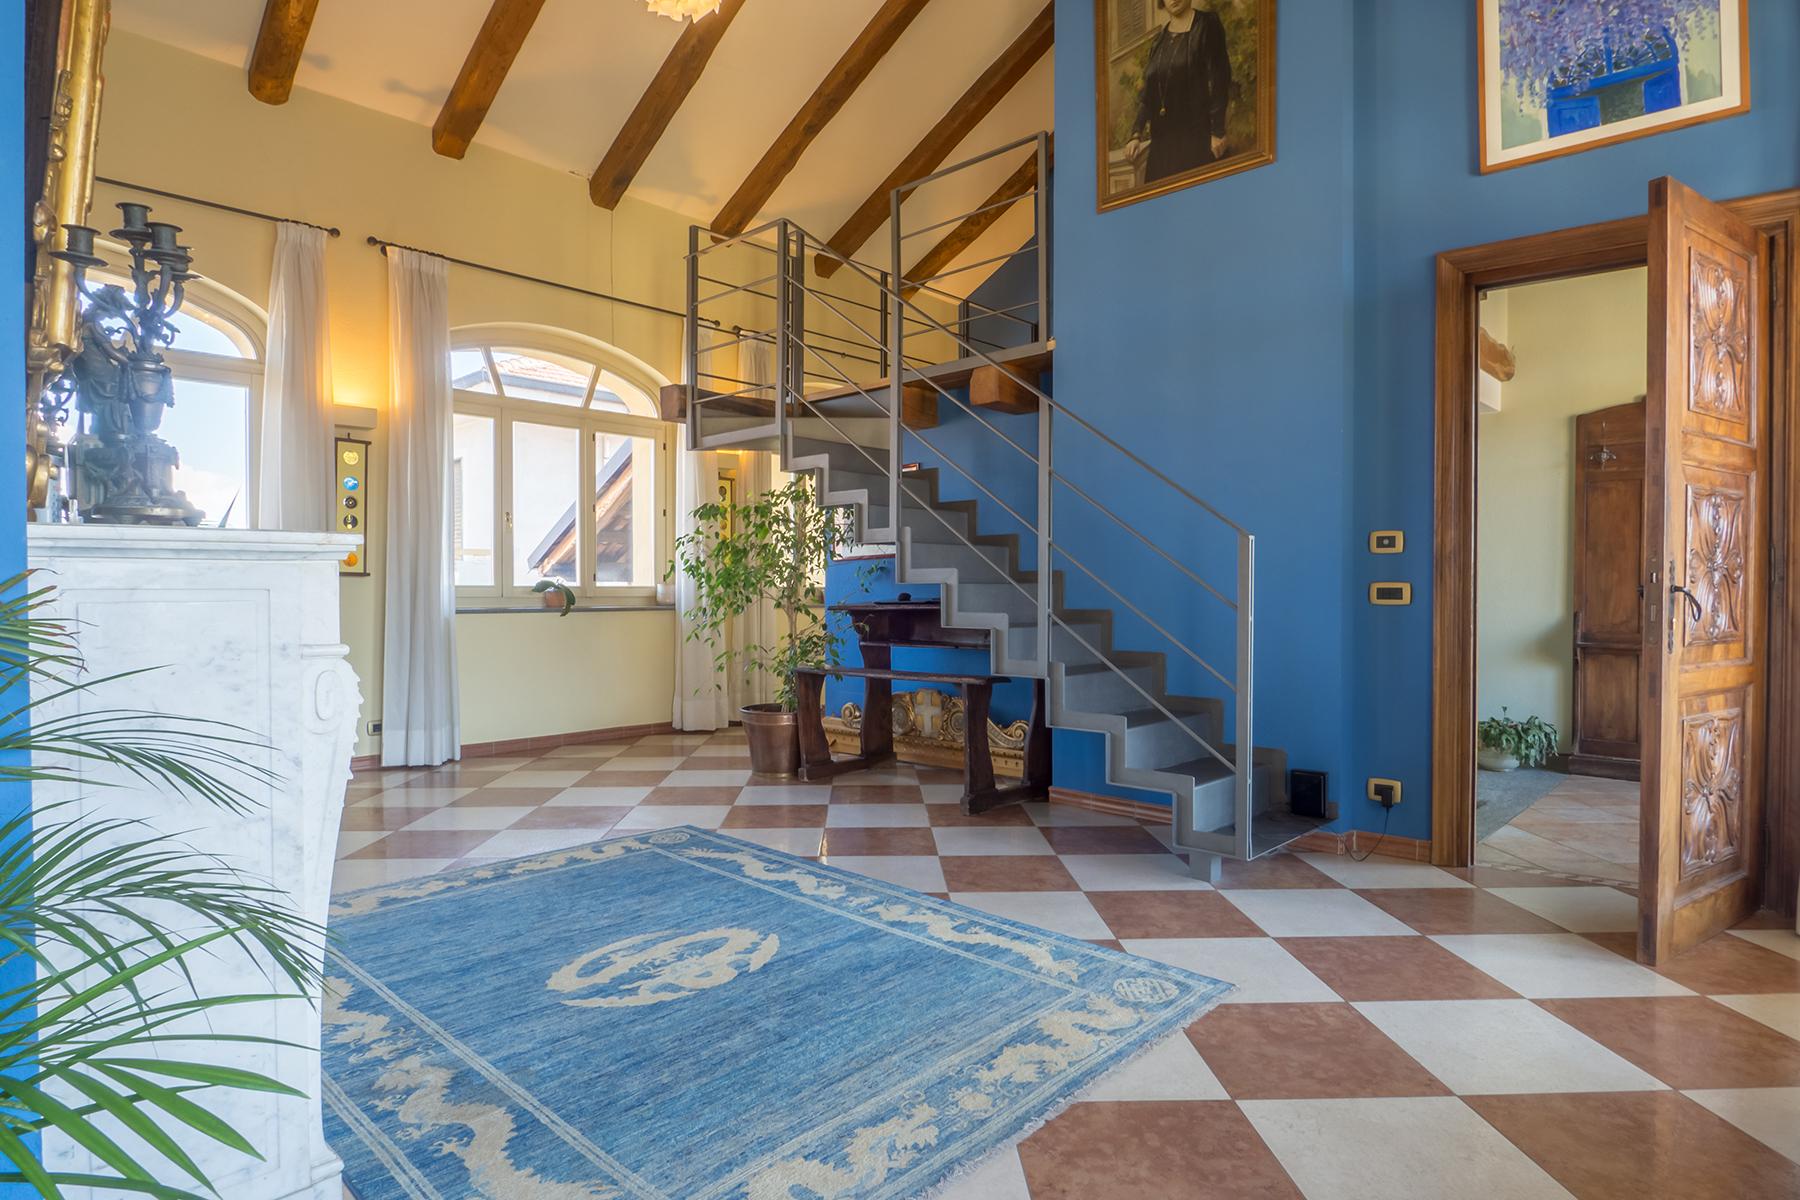 Appartamento in Vendita a Favria: 5 locali, 317 mq - Foto 5